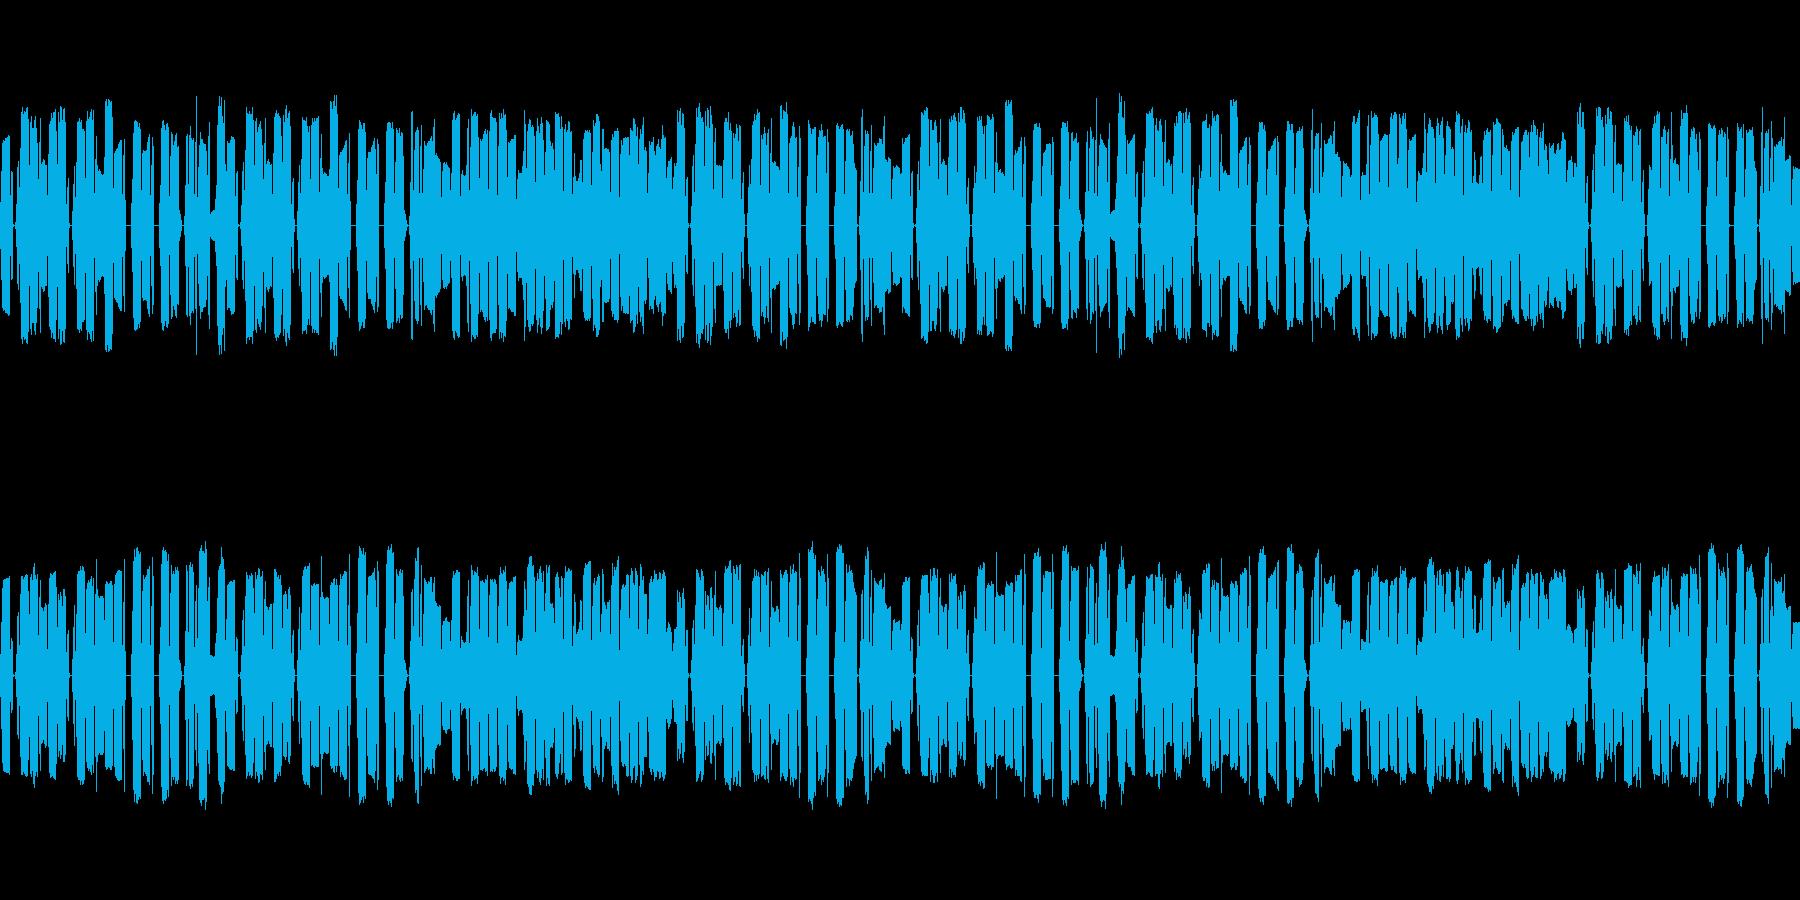 ほのぼのとした海岸のファミコンワルツの再生済みの波形